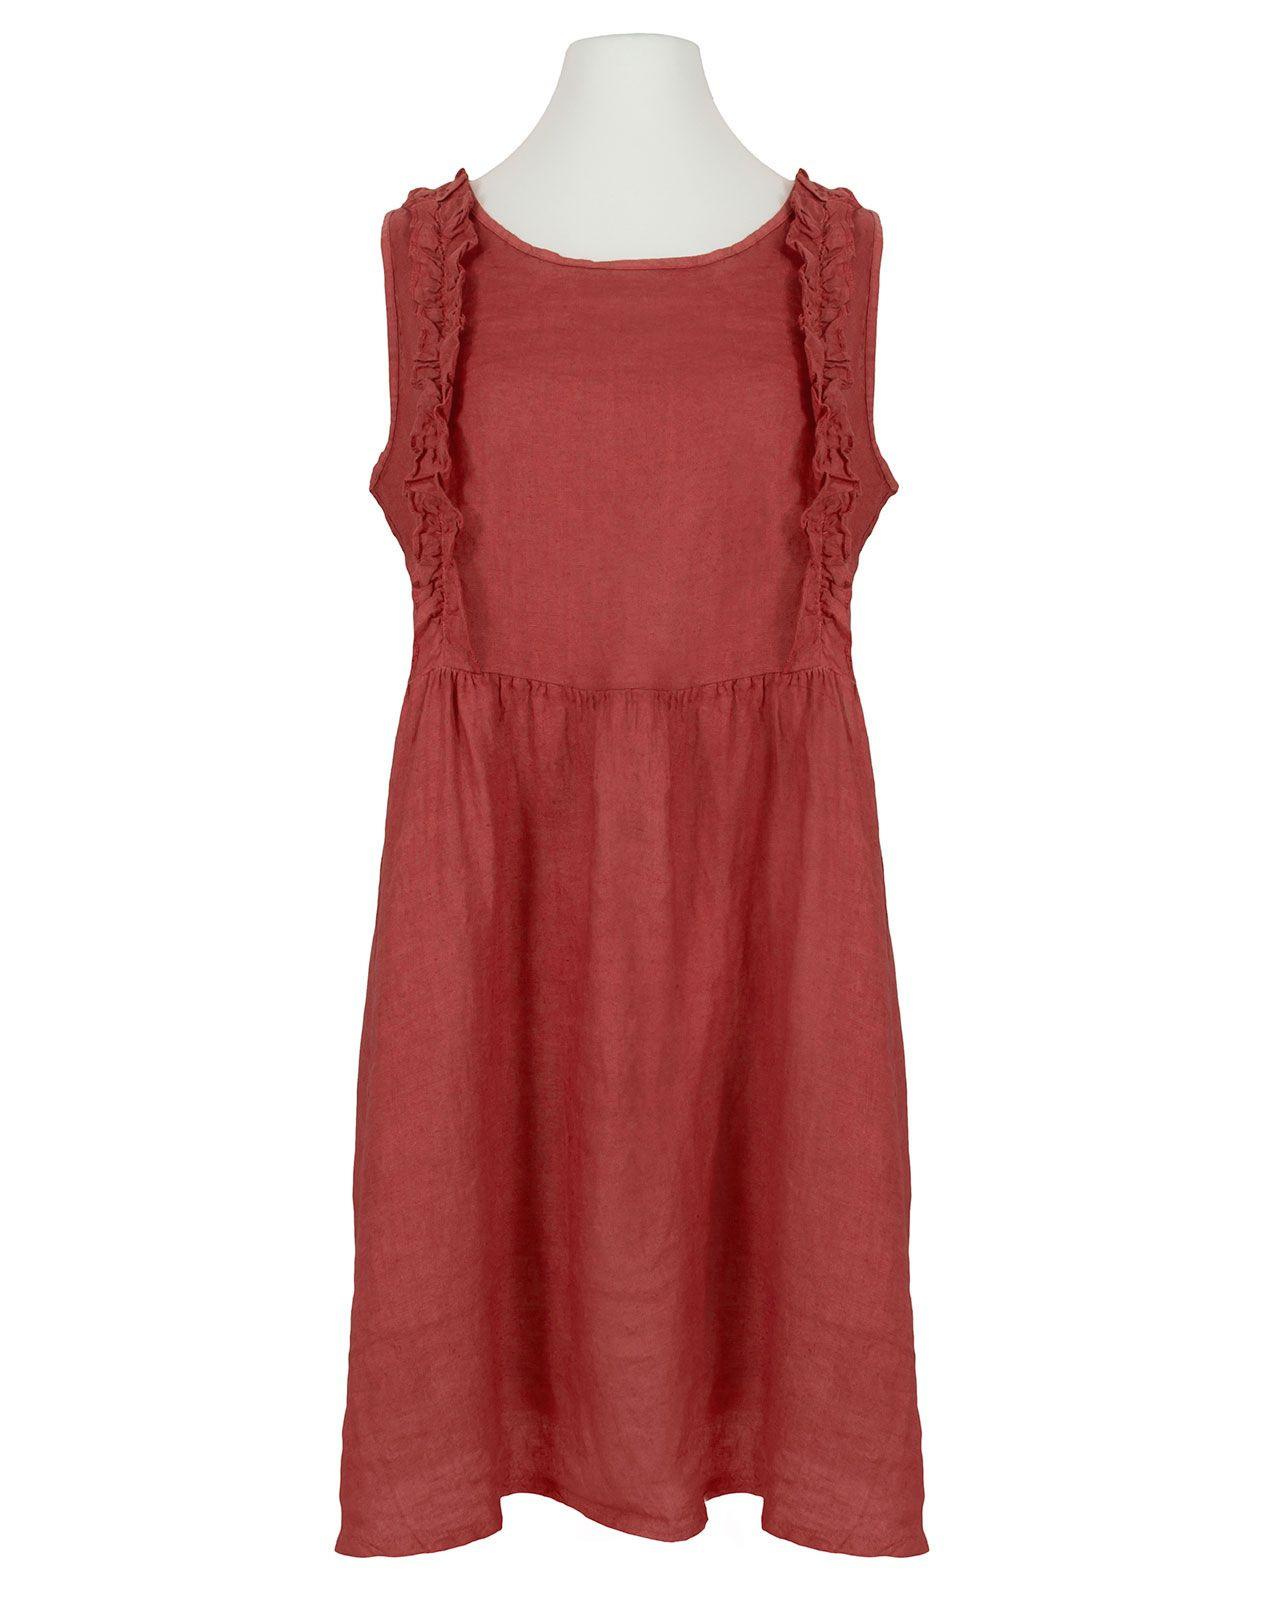 Leinenkleid Mit Rüschen Rot In 2020  Leinenkleid